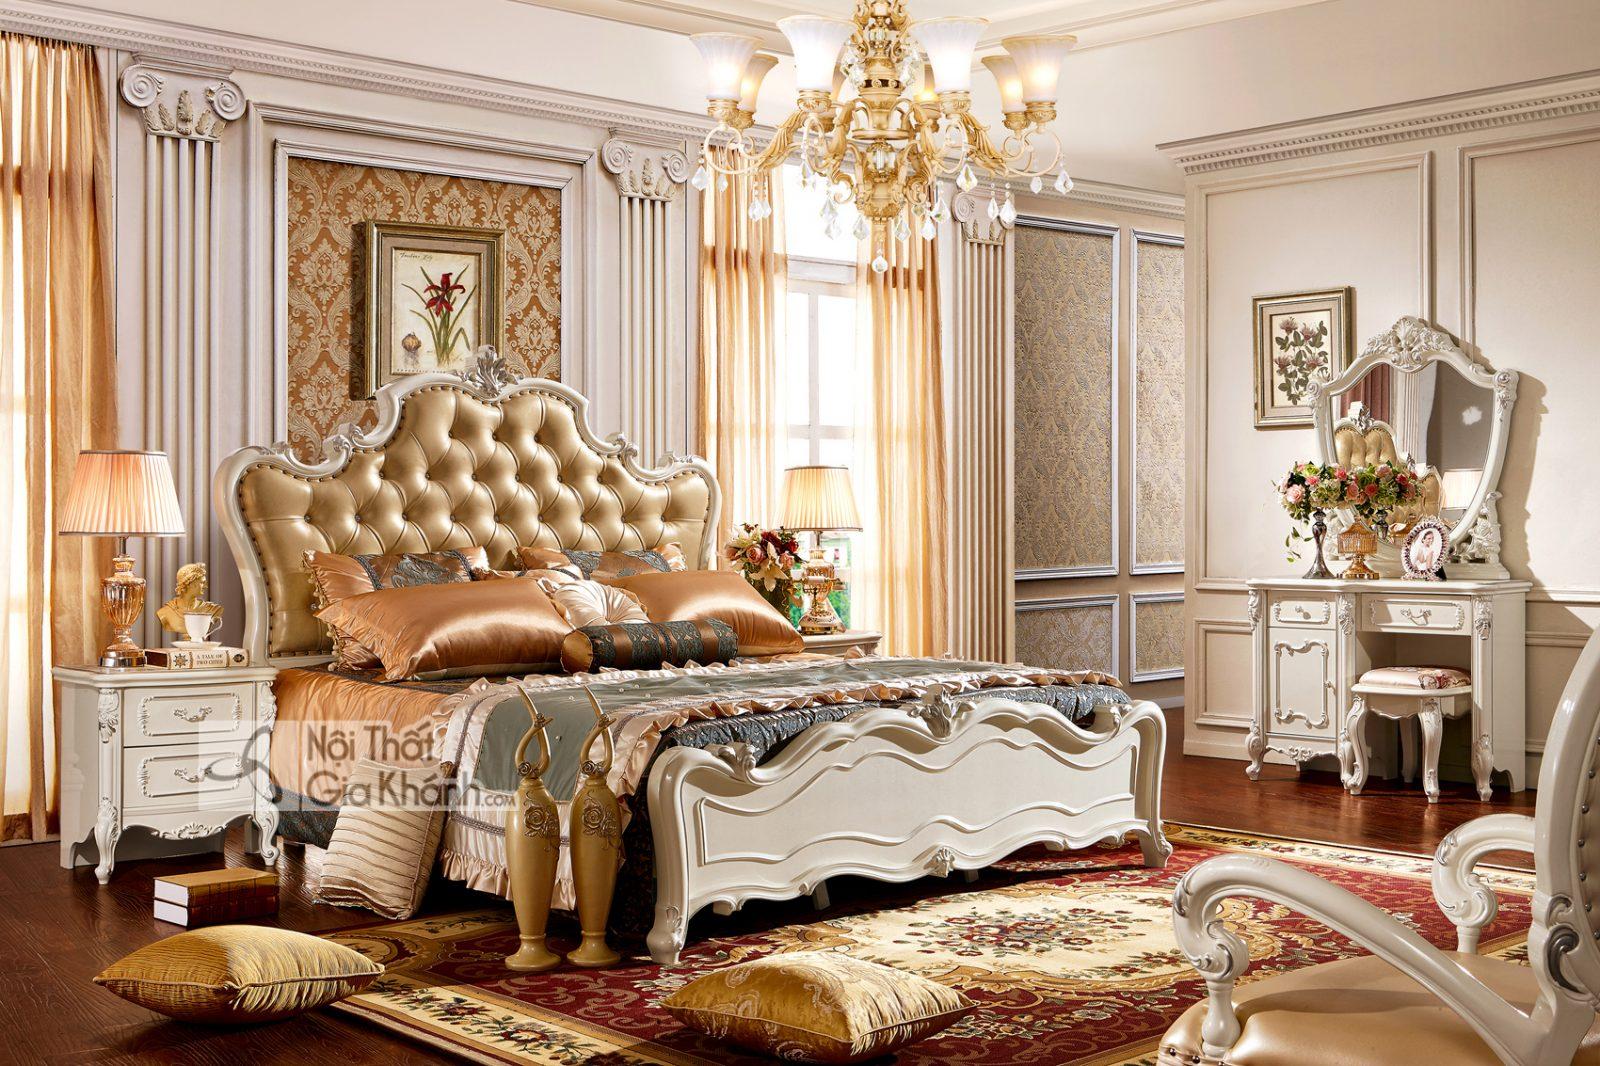 Giường ngủ Tân cổ điển màu trắng ngọc trai GI8830H phong cách Quí Tộc